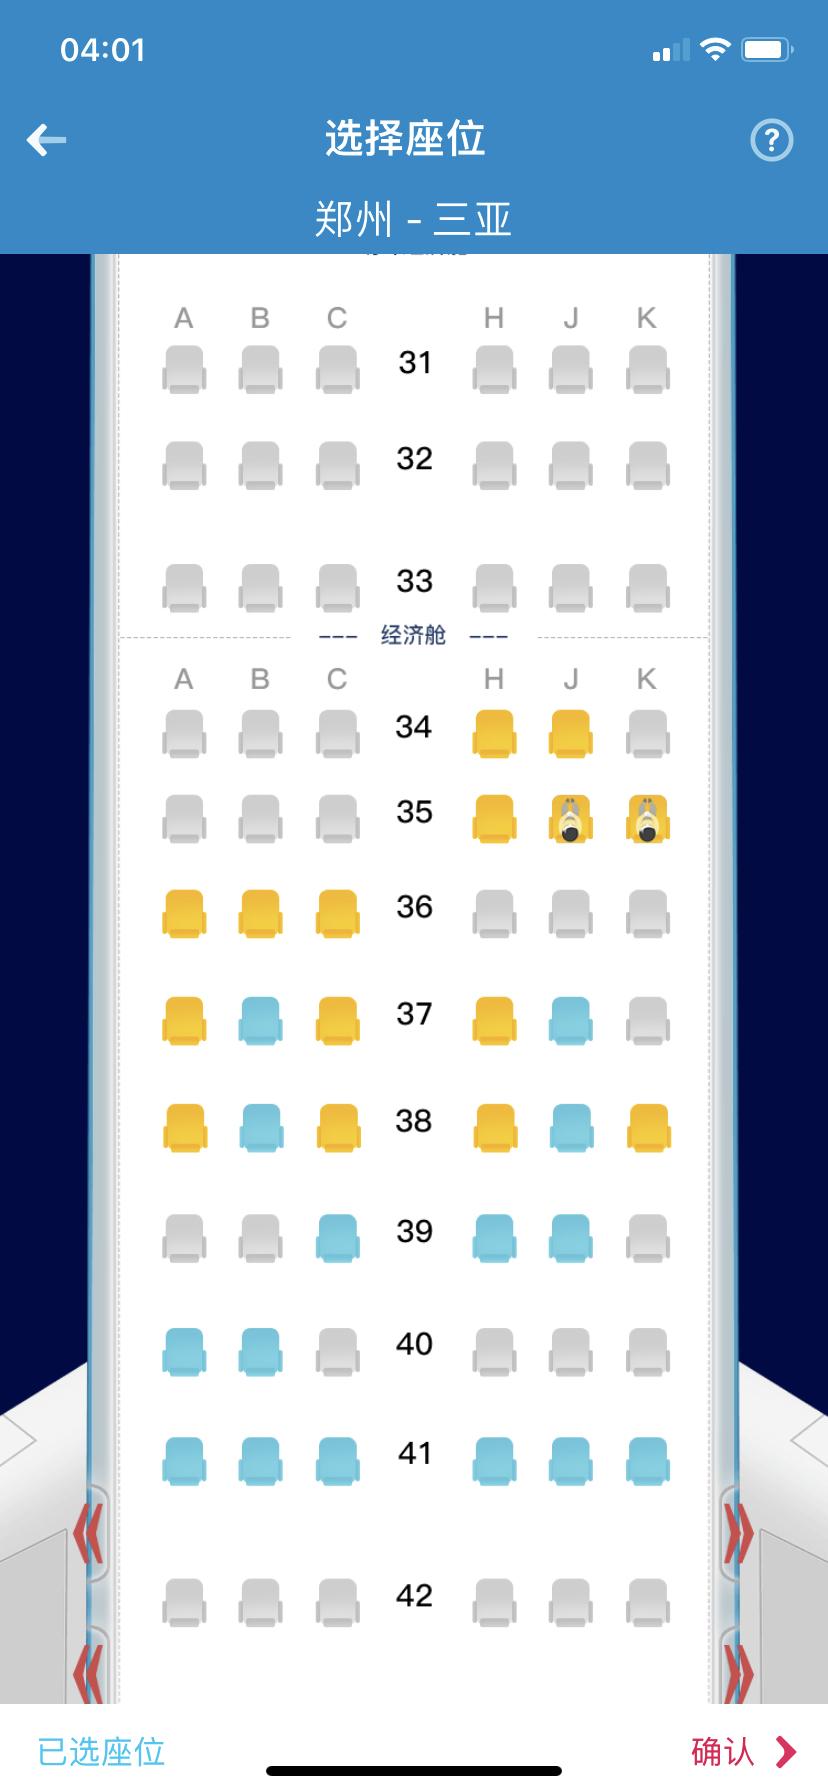 不懂就问 前几天选的35k 35J是蓝色免费座位 今天一看咋变成黄色里程座了呢 会被退吗 还是要加钱 谢谢